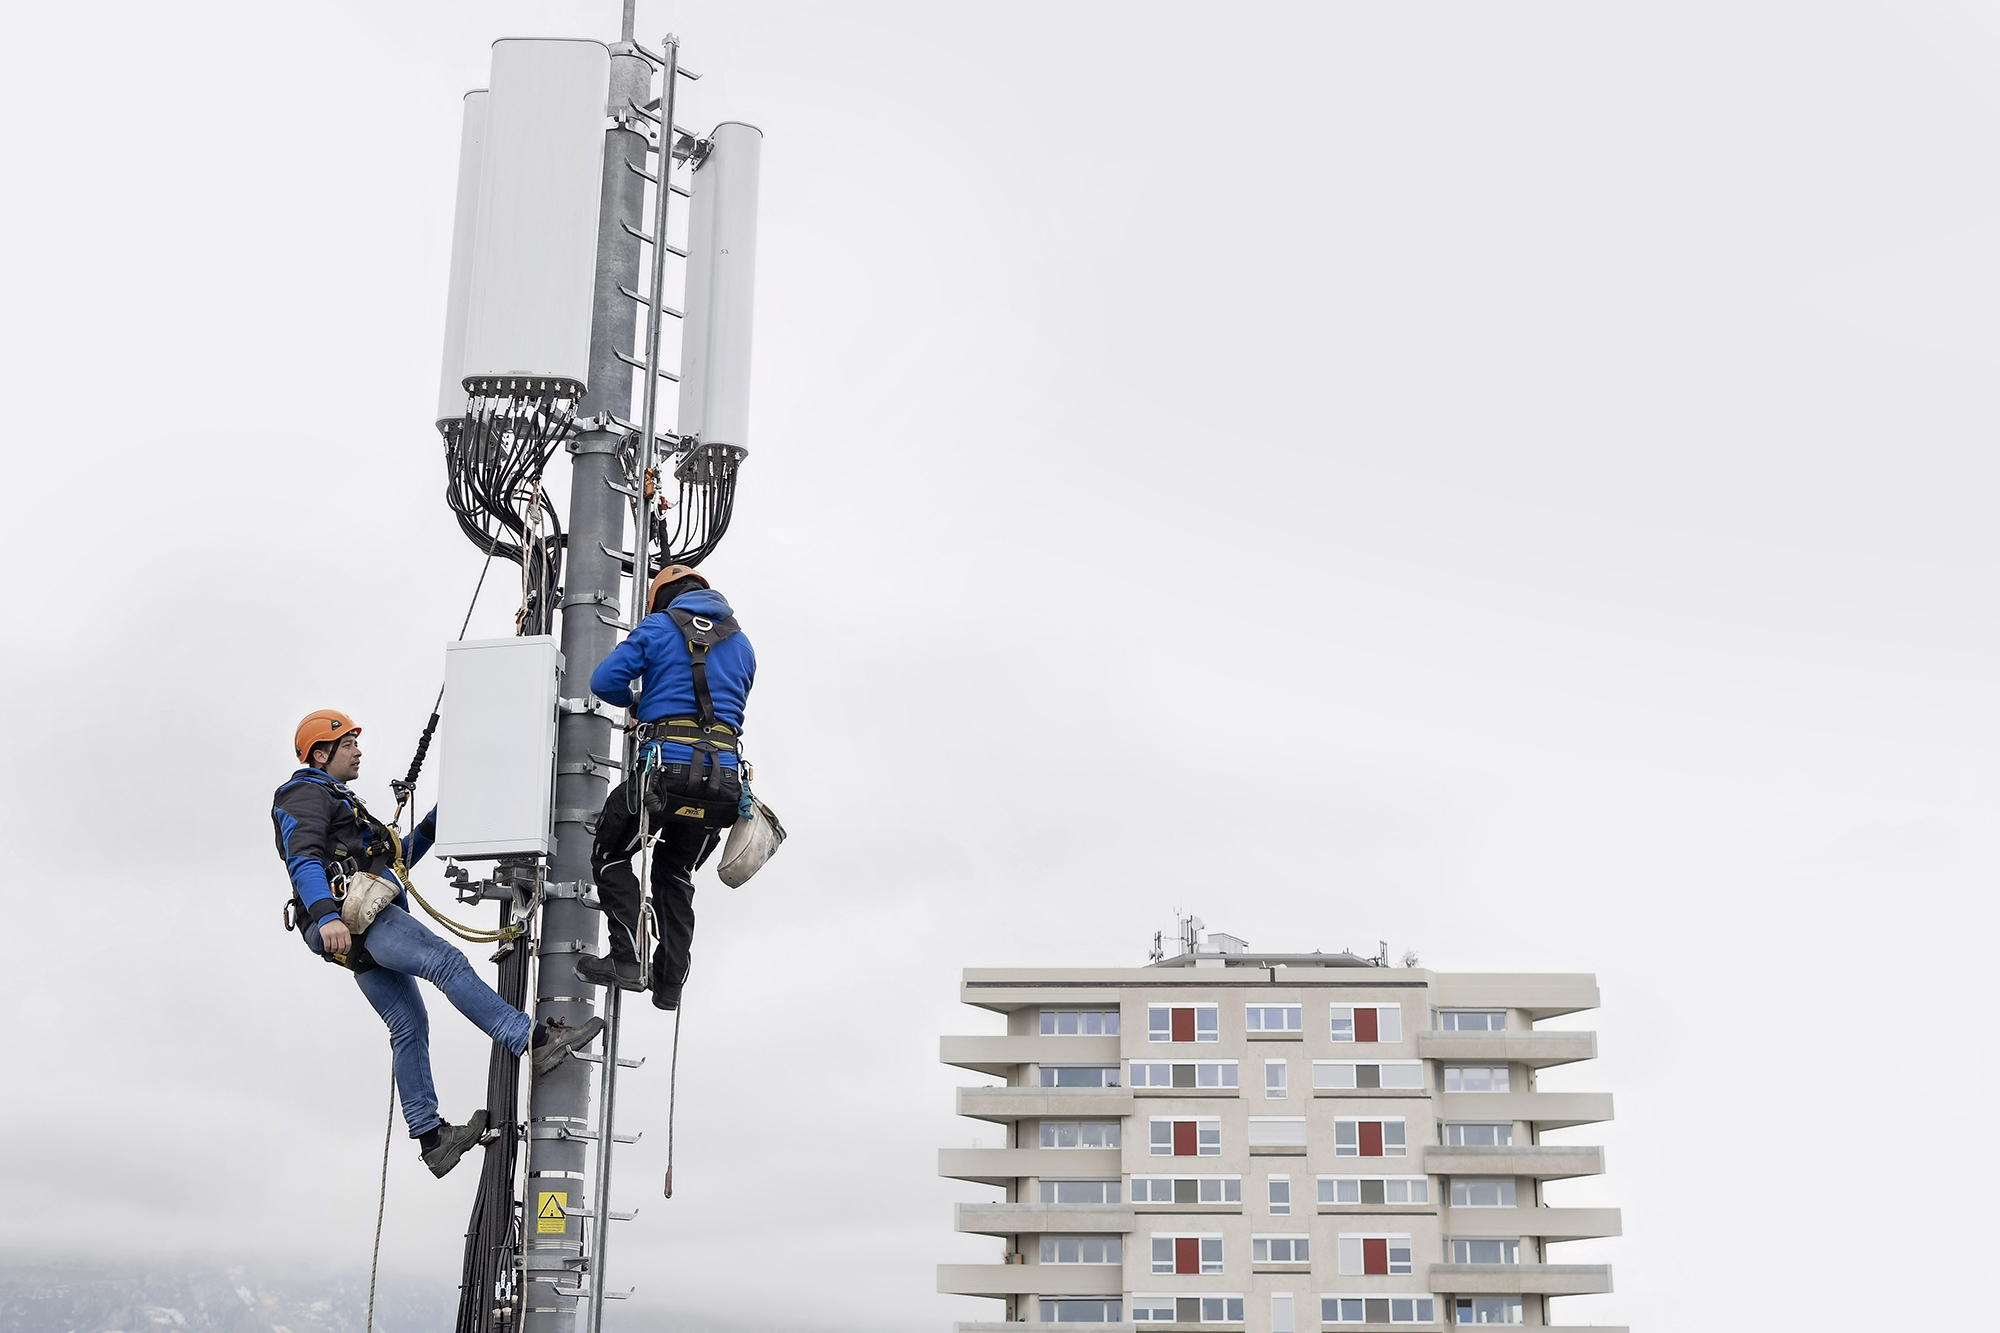 Installées au pas de charge en Suisse, les antennes 5G posent la question des conséquences sanitaires de l'électrosmog. Martial Trezzini/Keystone